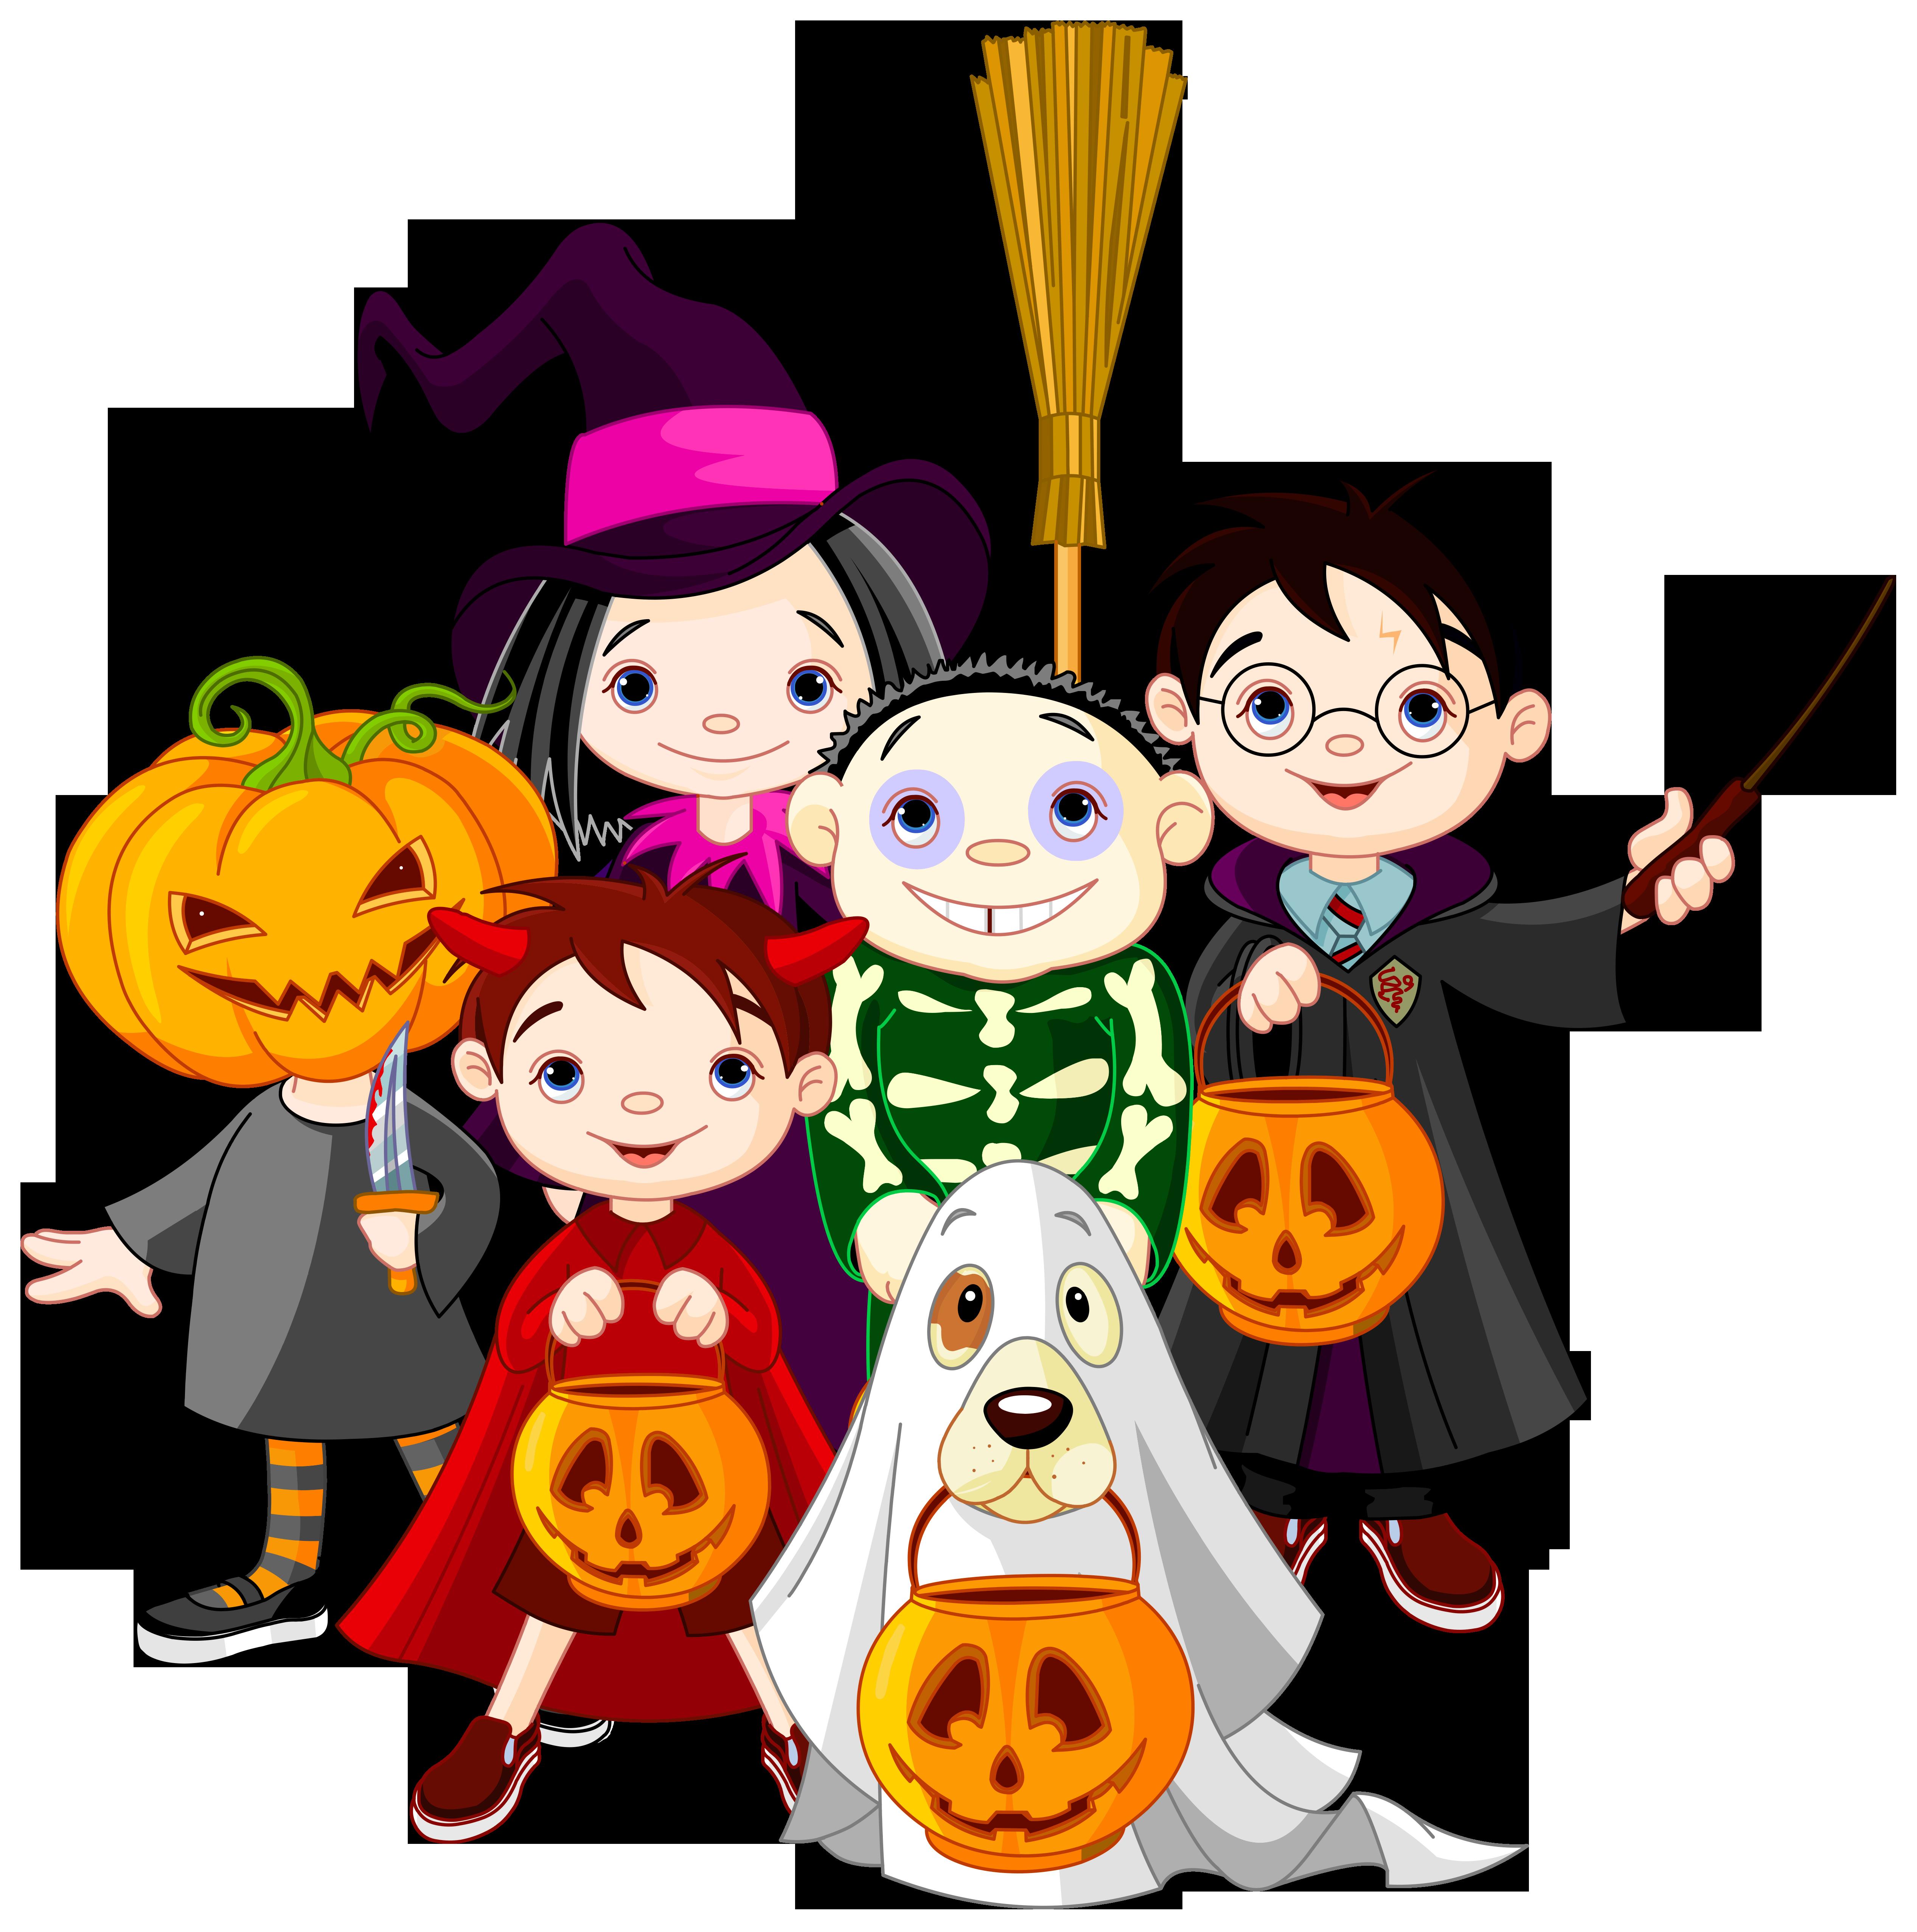 5068x5108 Halloween Kids Png Clip Art Imageu200b Gallery Yopriceville